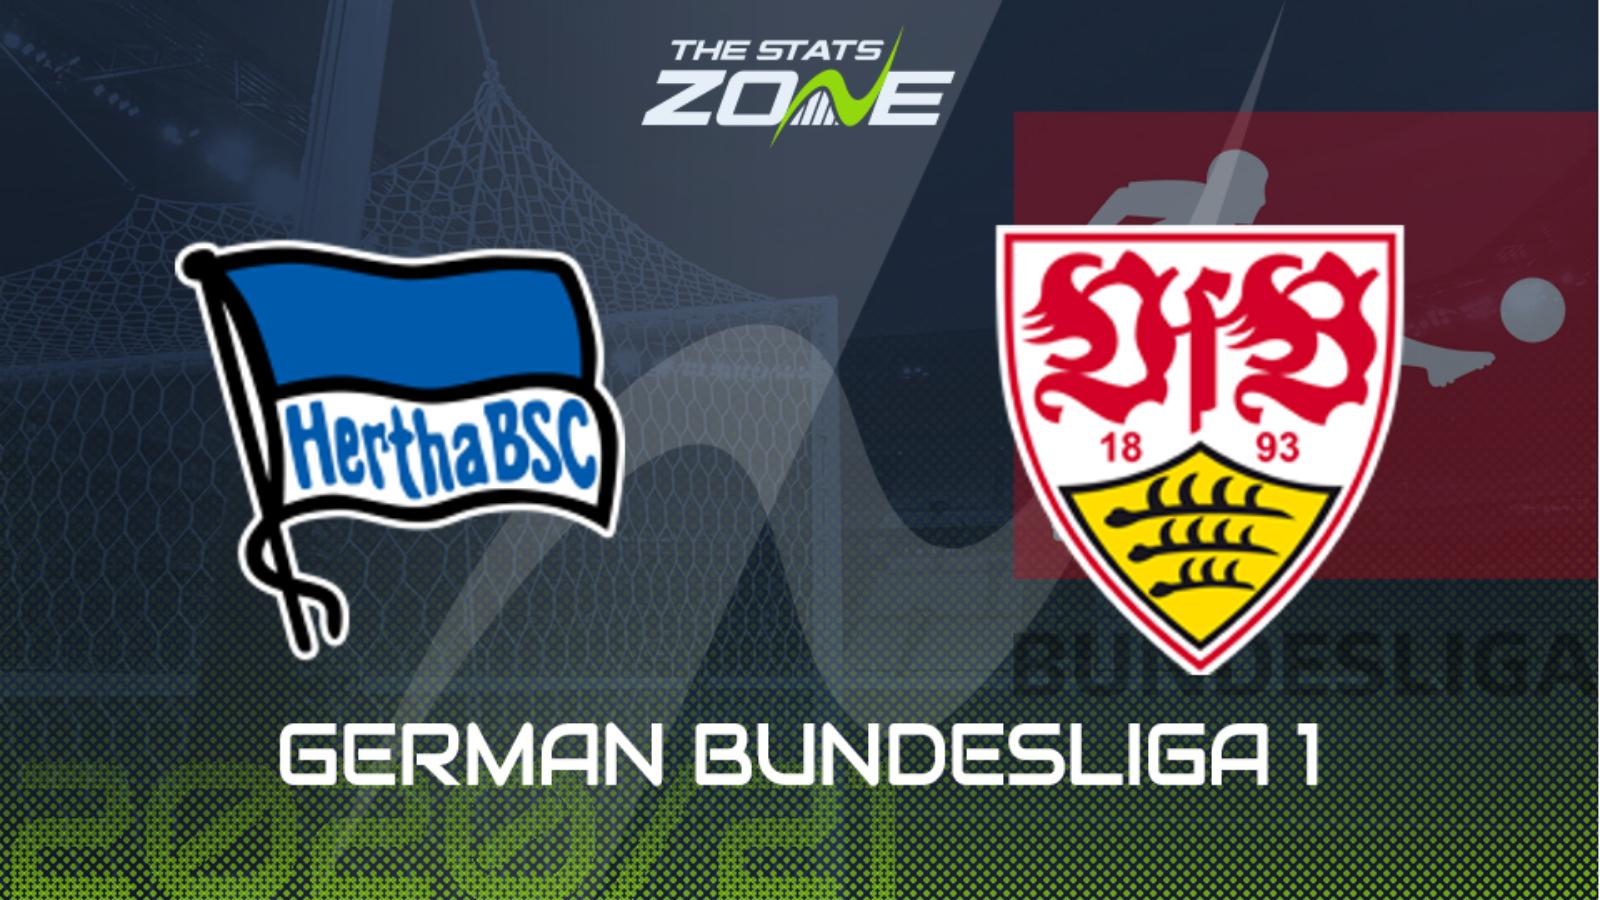 hertha berlin vs stuttgart betting tips